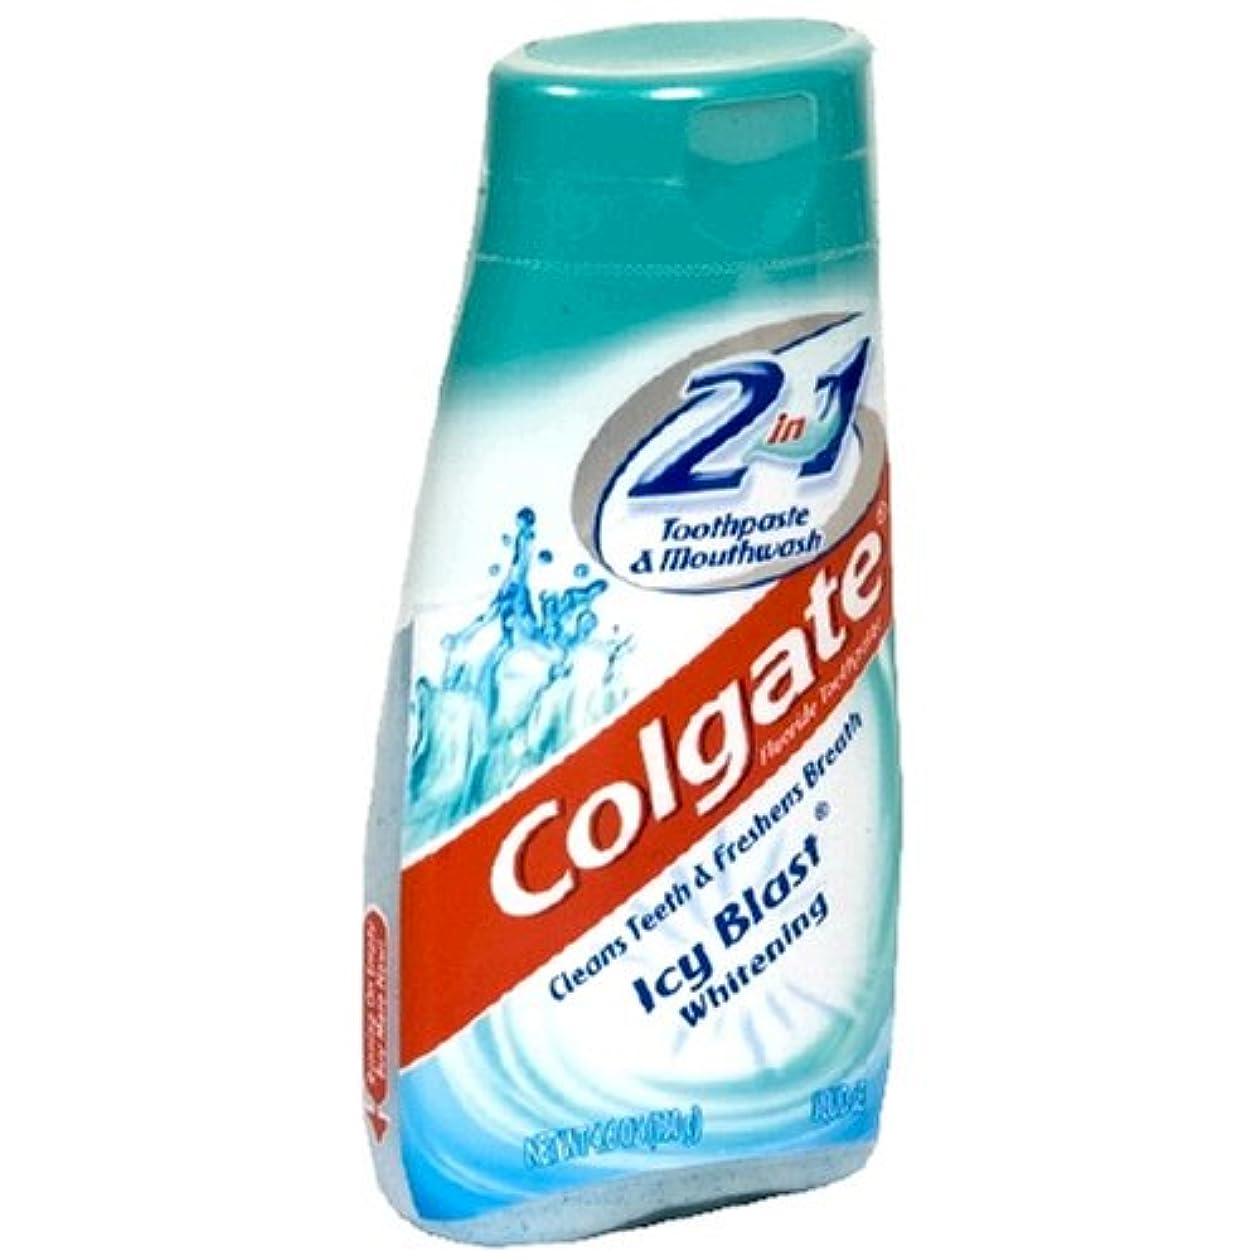 組み合わせ情緒的群がるColgate 2で1歯磨き粉およびマウスウォッシュ、美白アイシーブラスト - 4.6オズ